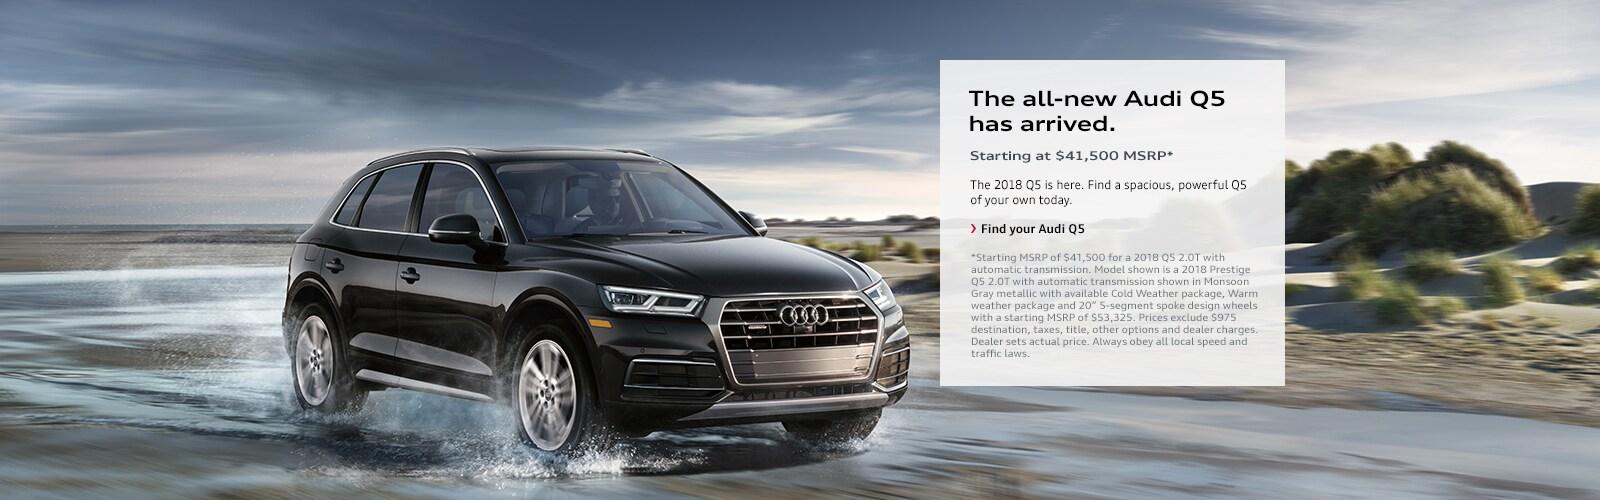 Audi Palo Alto Service Car Image Ideas - Audi palo alto